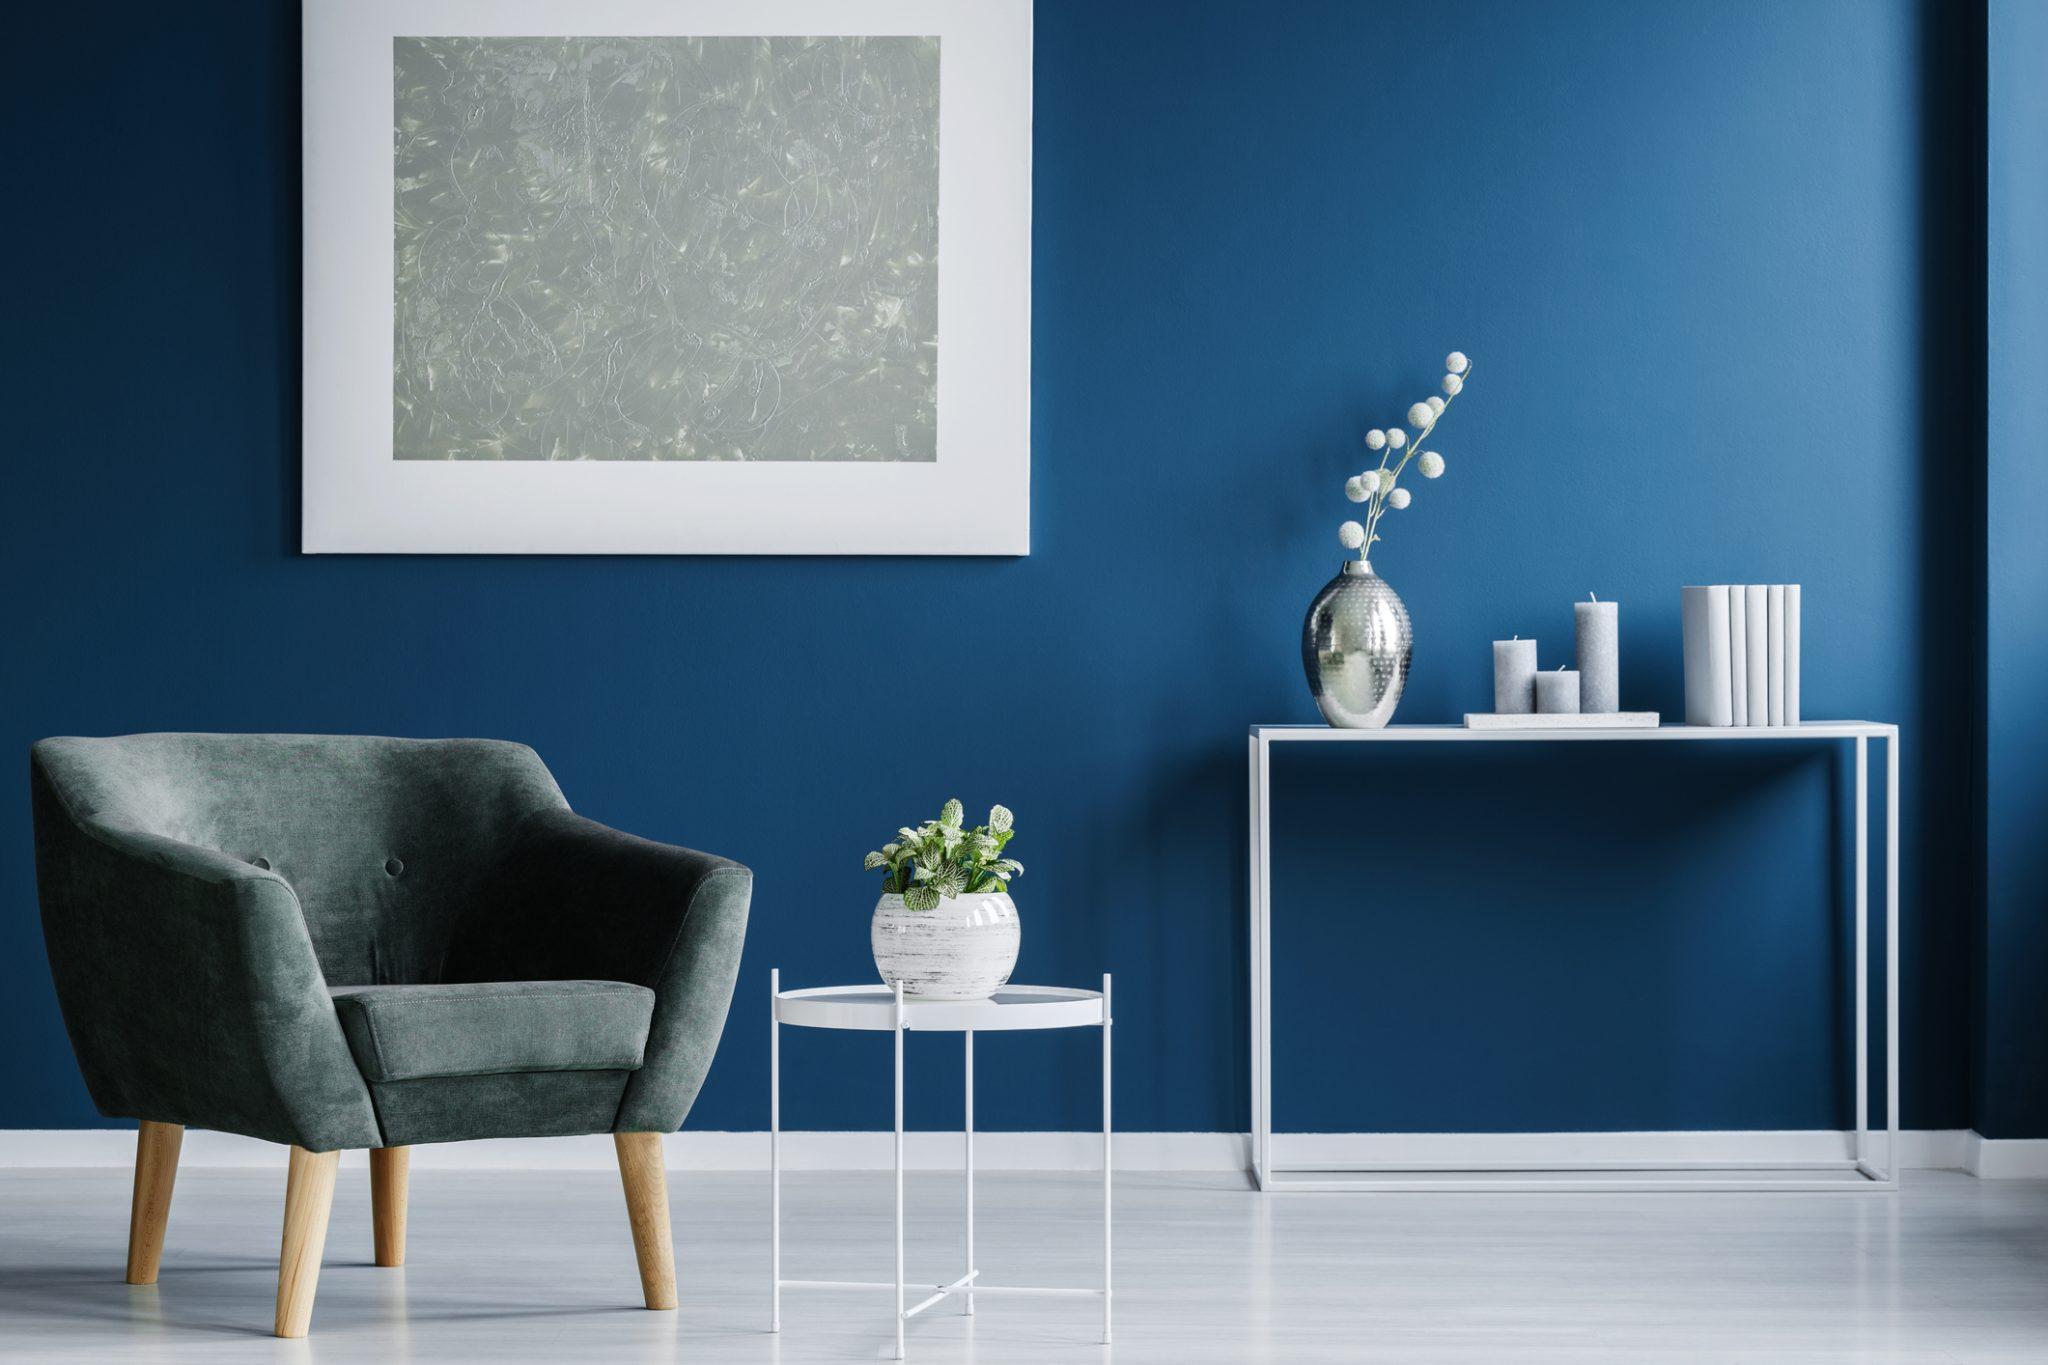 VVE Beheer - Blauwe muur woonkamer inrichting